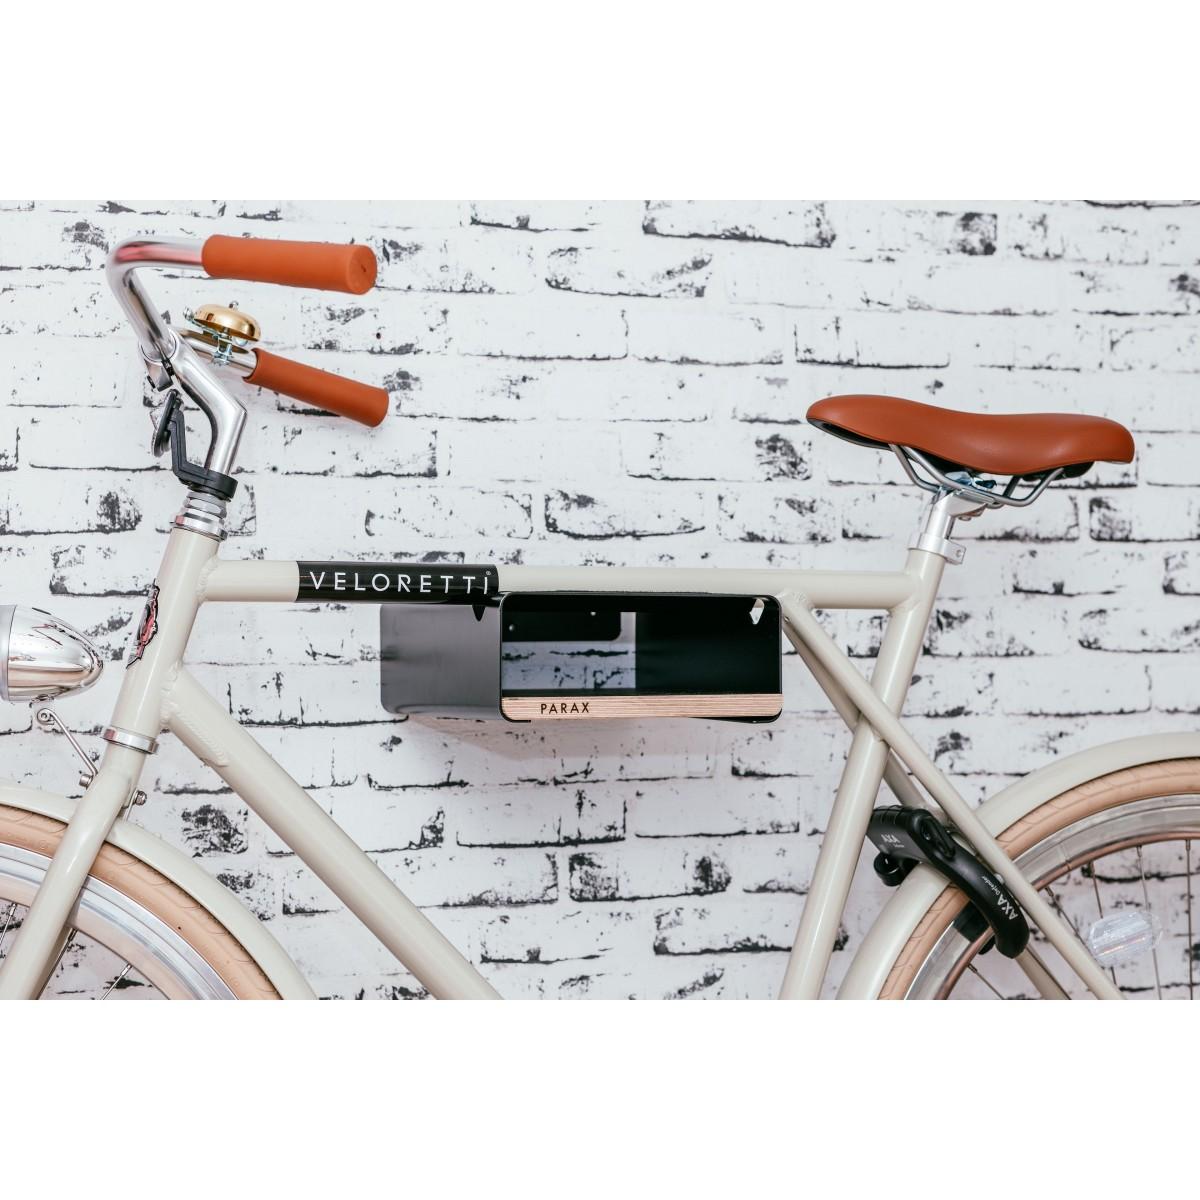 Design Fahrrad-Wandhalterung S-RACK   Schwarz mit Holz Weiß   für Rennrad Hardtail & Cityrad   Fair in Deutschland gefertigt